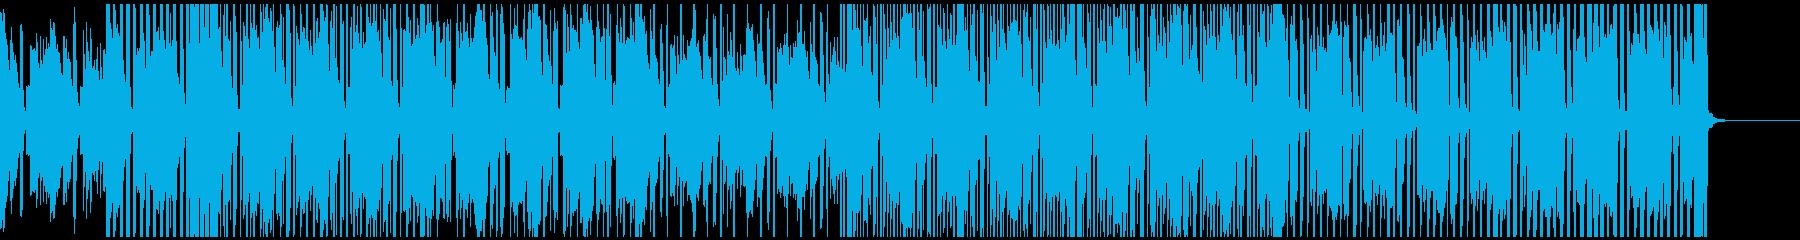 明るく軽快な雰囲気のBGMの再生済みの波形